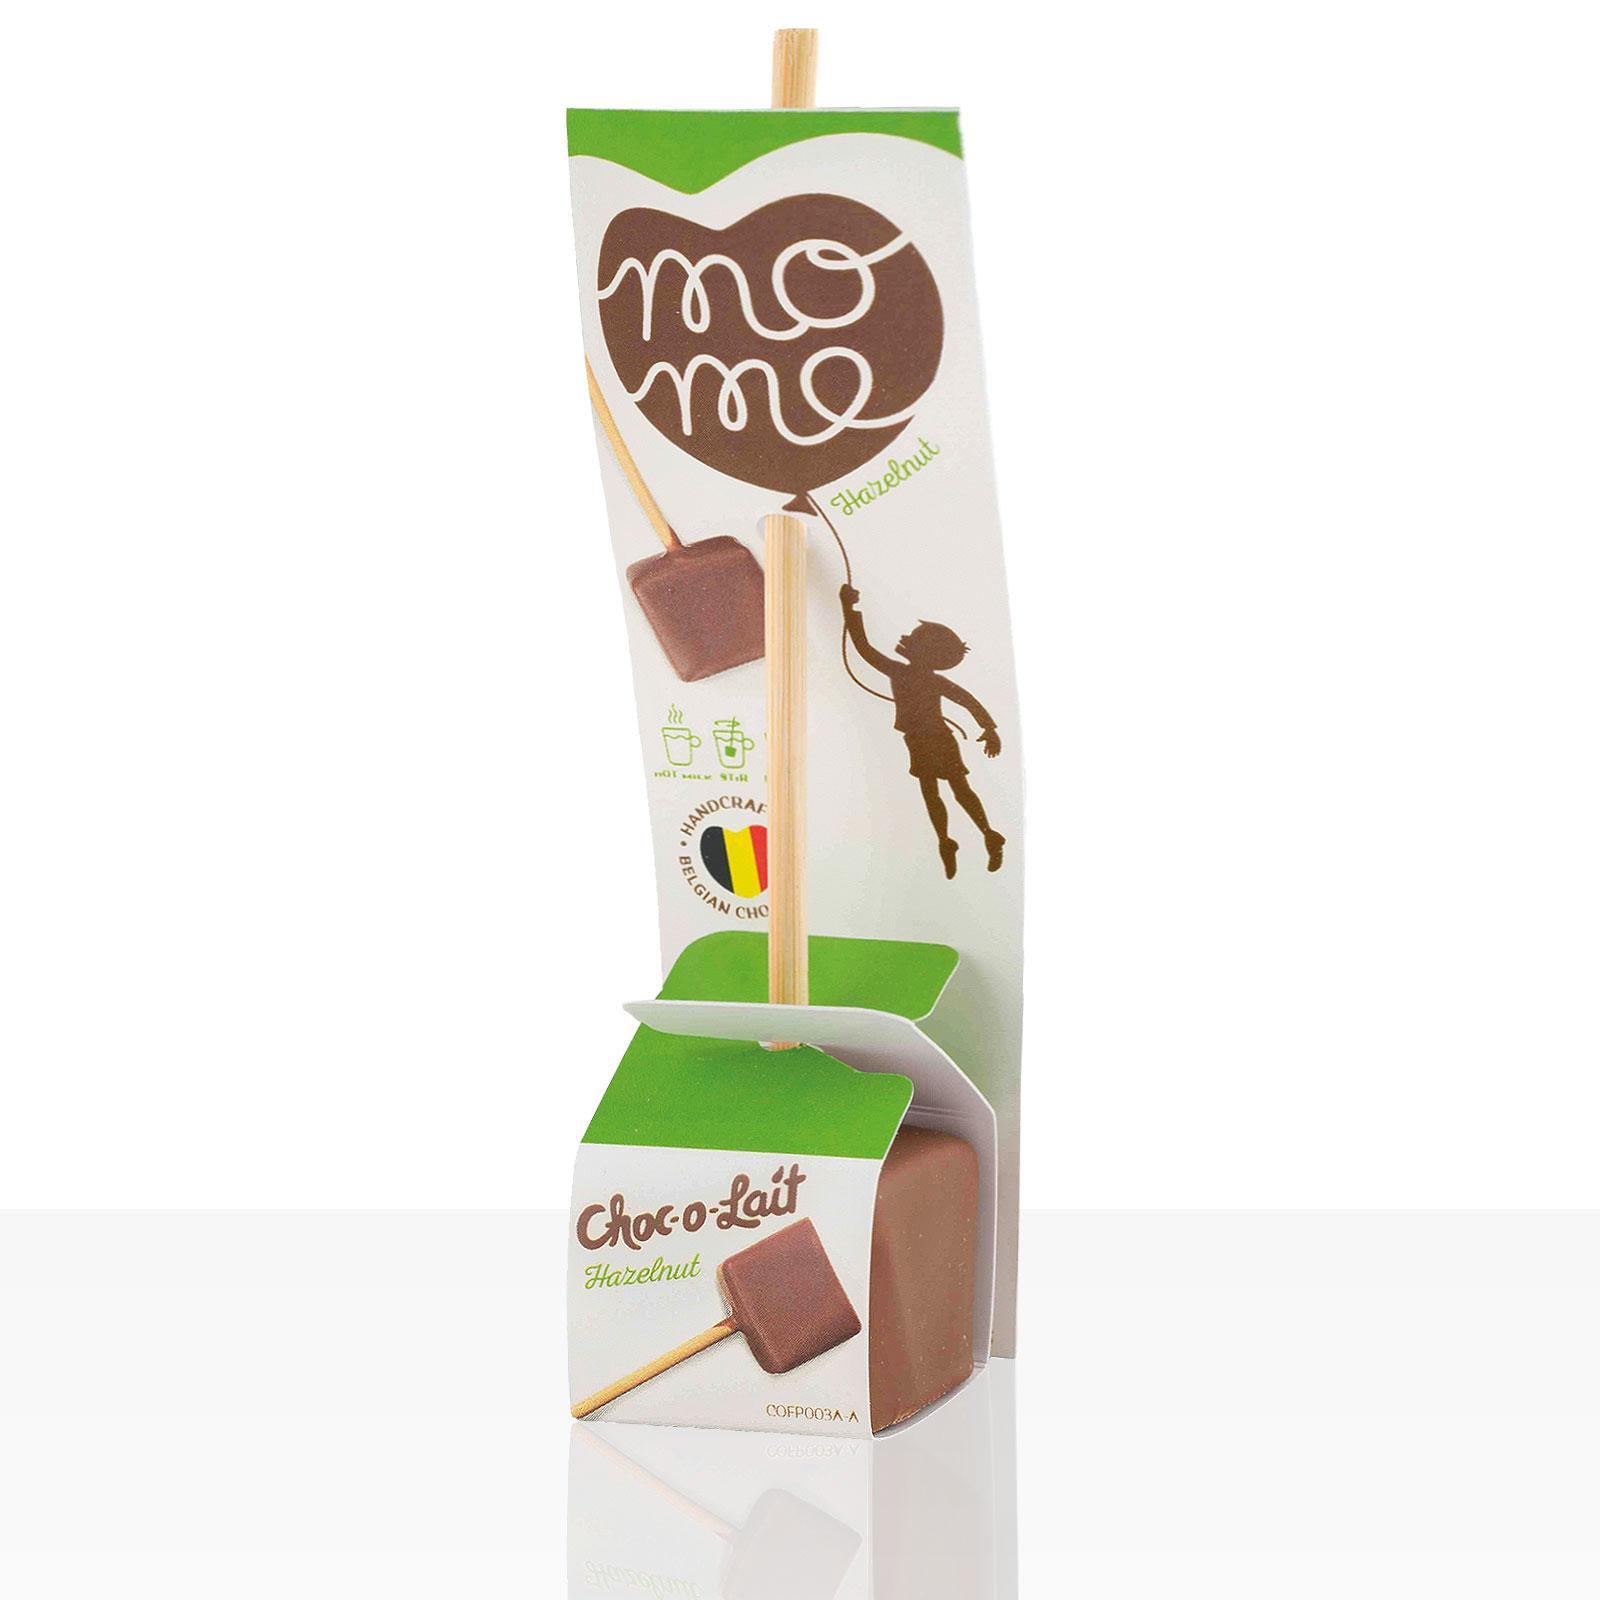 Choc-o-lait Trinkschokolade am Stiel Haselnuss 1Stk